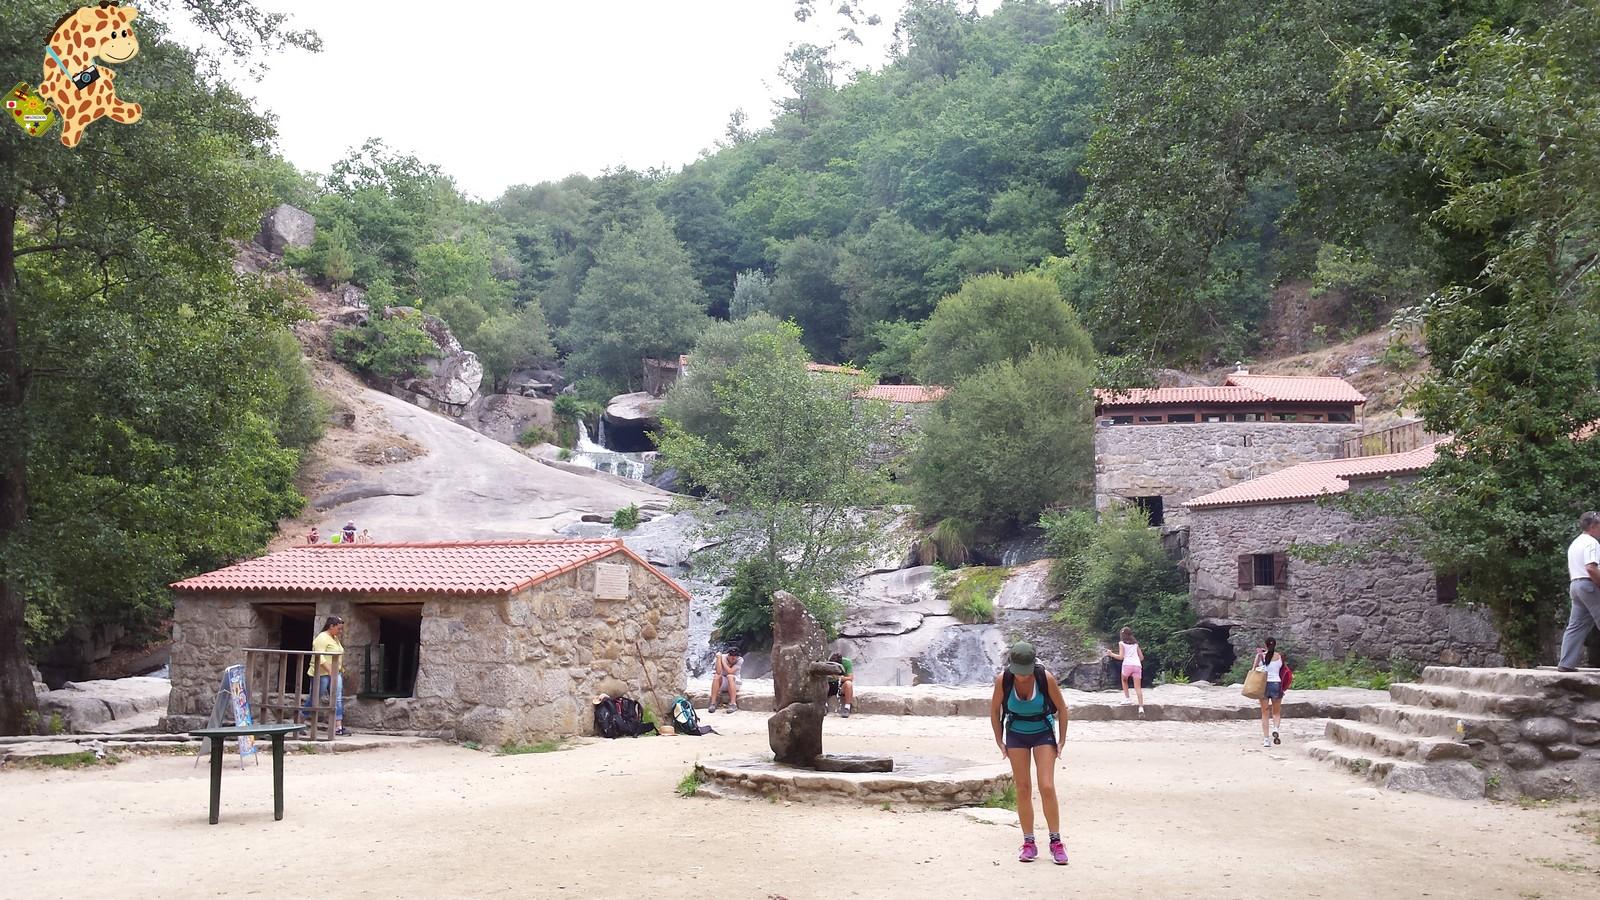 riobarosa282029 - Fervenza del Río Barosa - Barro (Pontevedra)